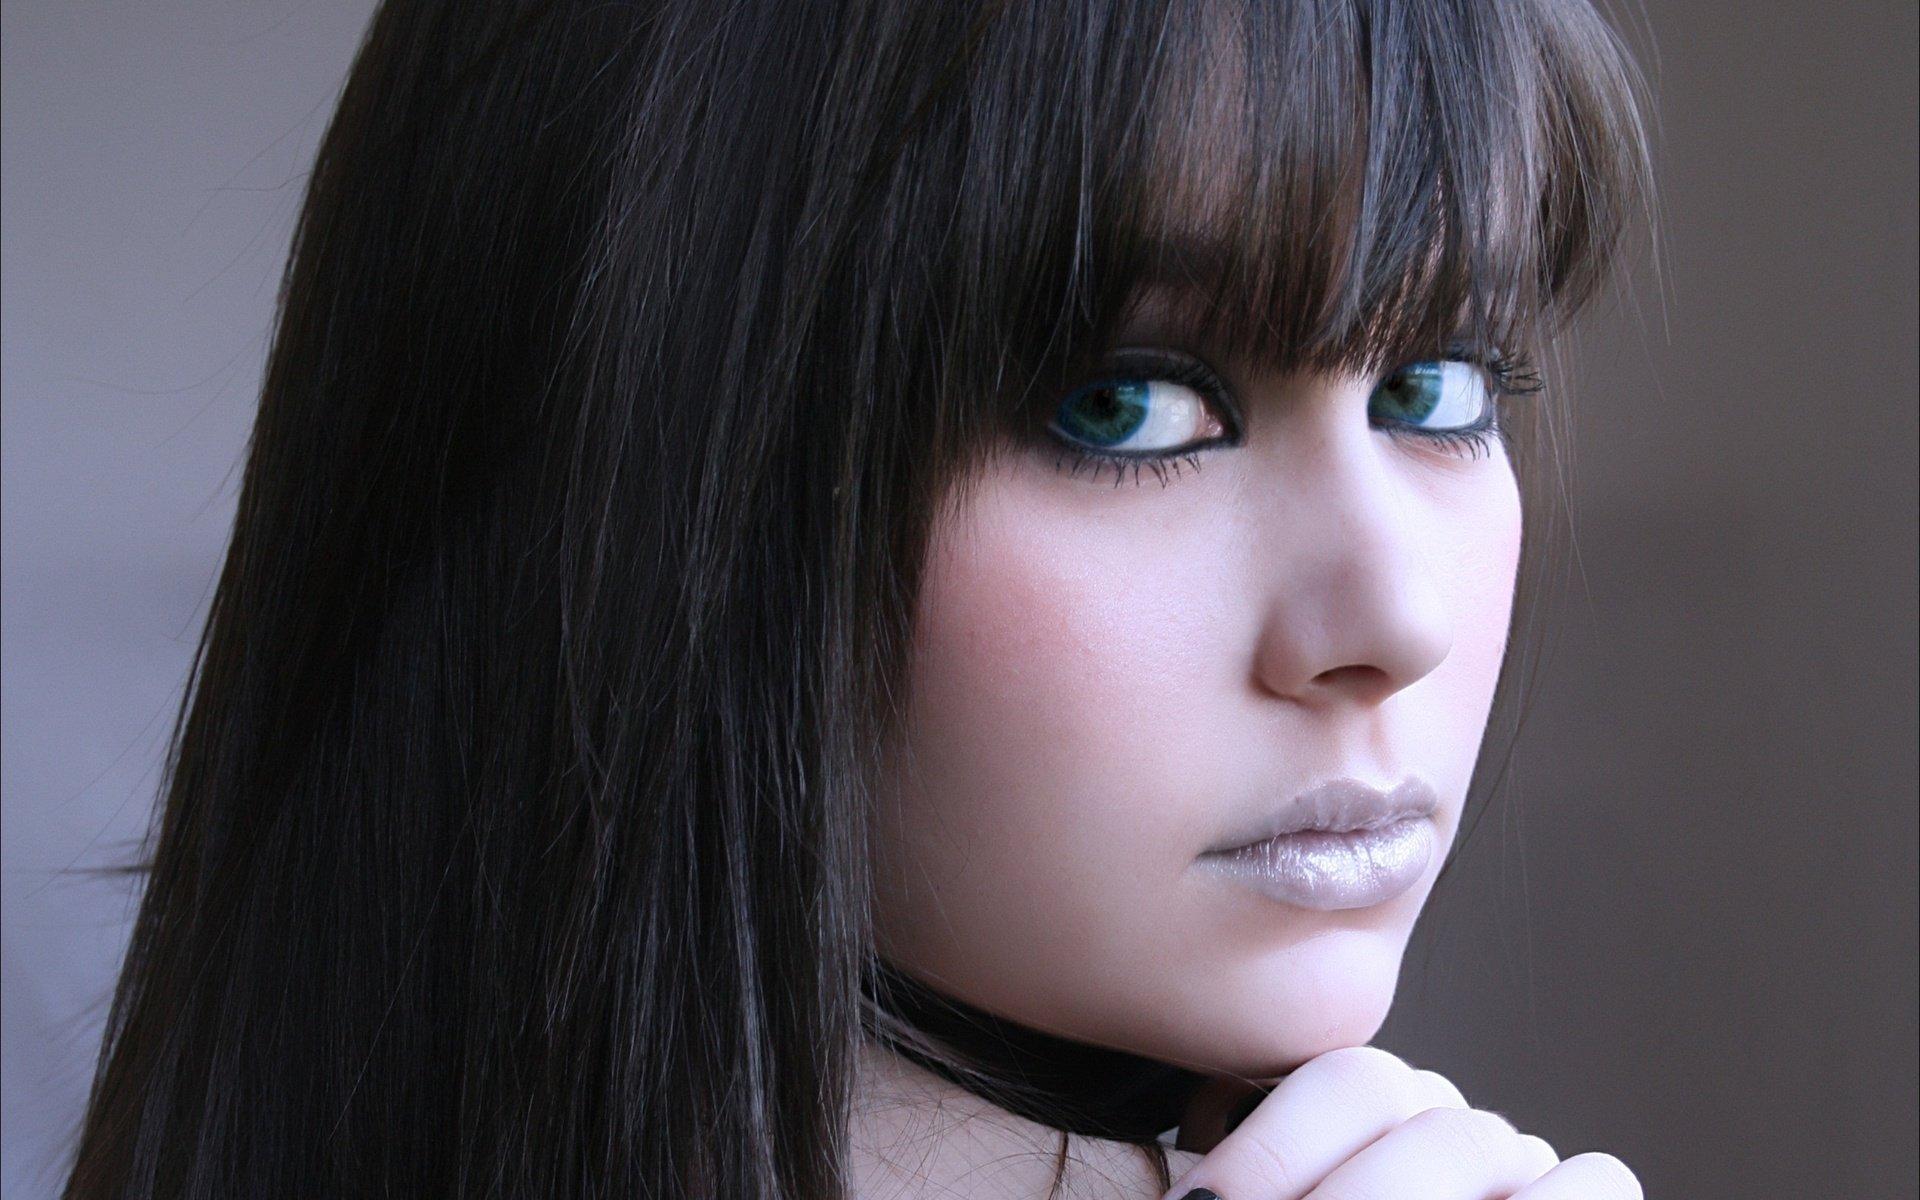 Фотки Красивых Девушек С Длинными Волосами С Зелеными Глазами